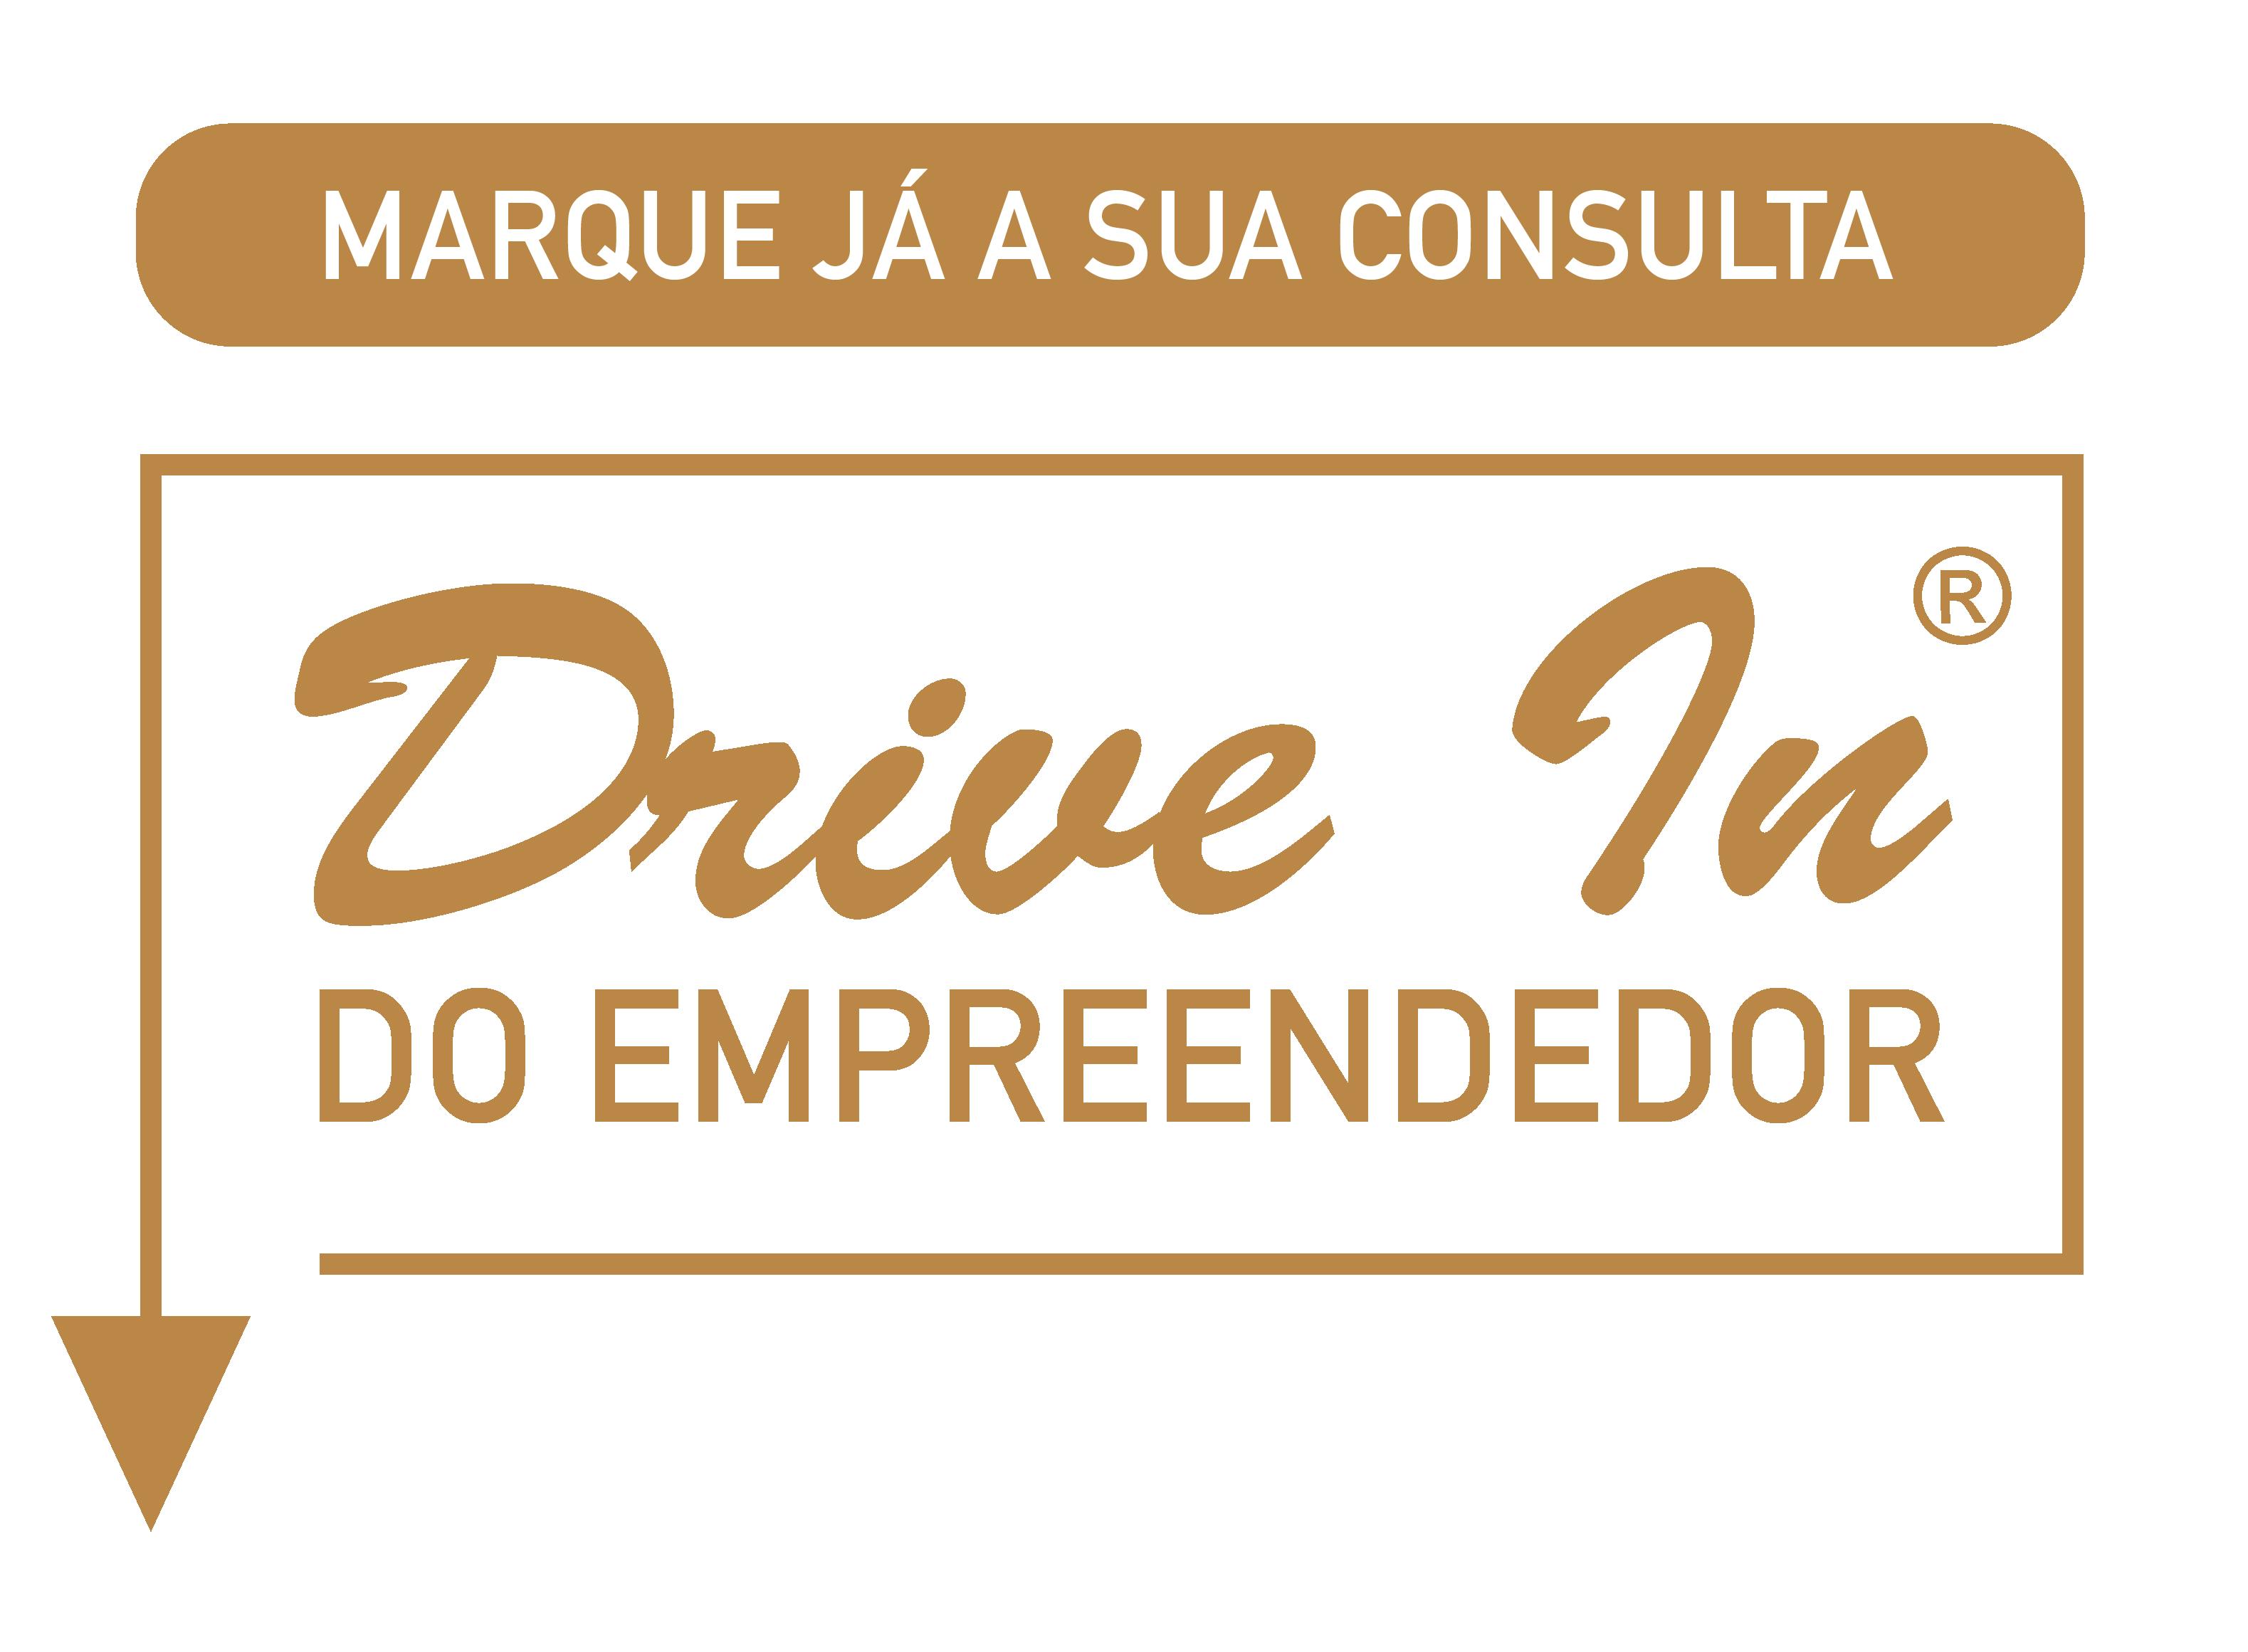 Marque já a sua consulta | Drive In do Empreendedor